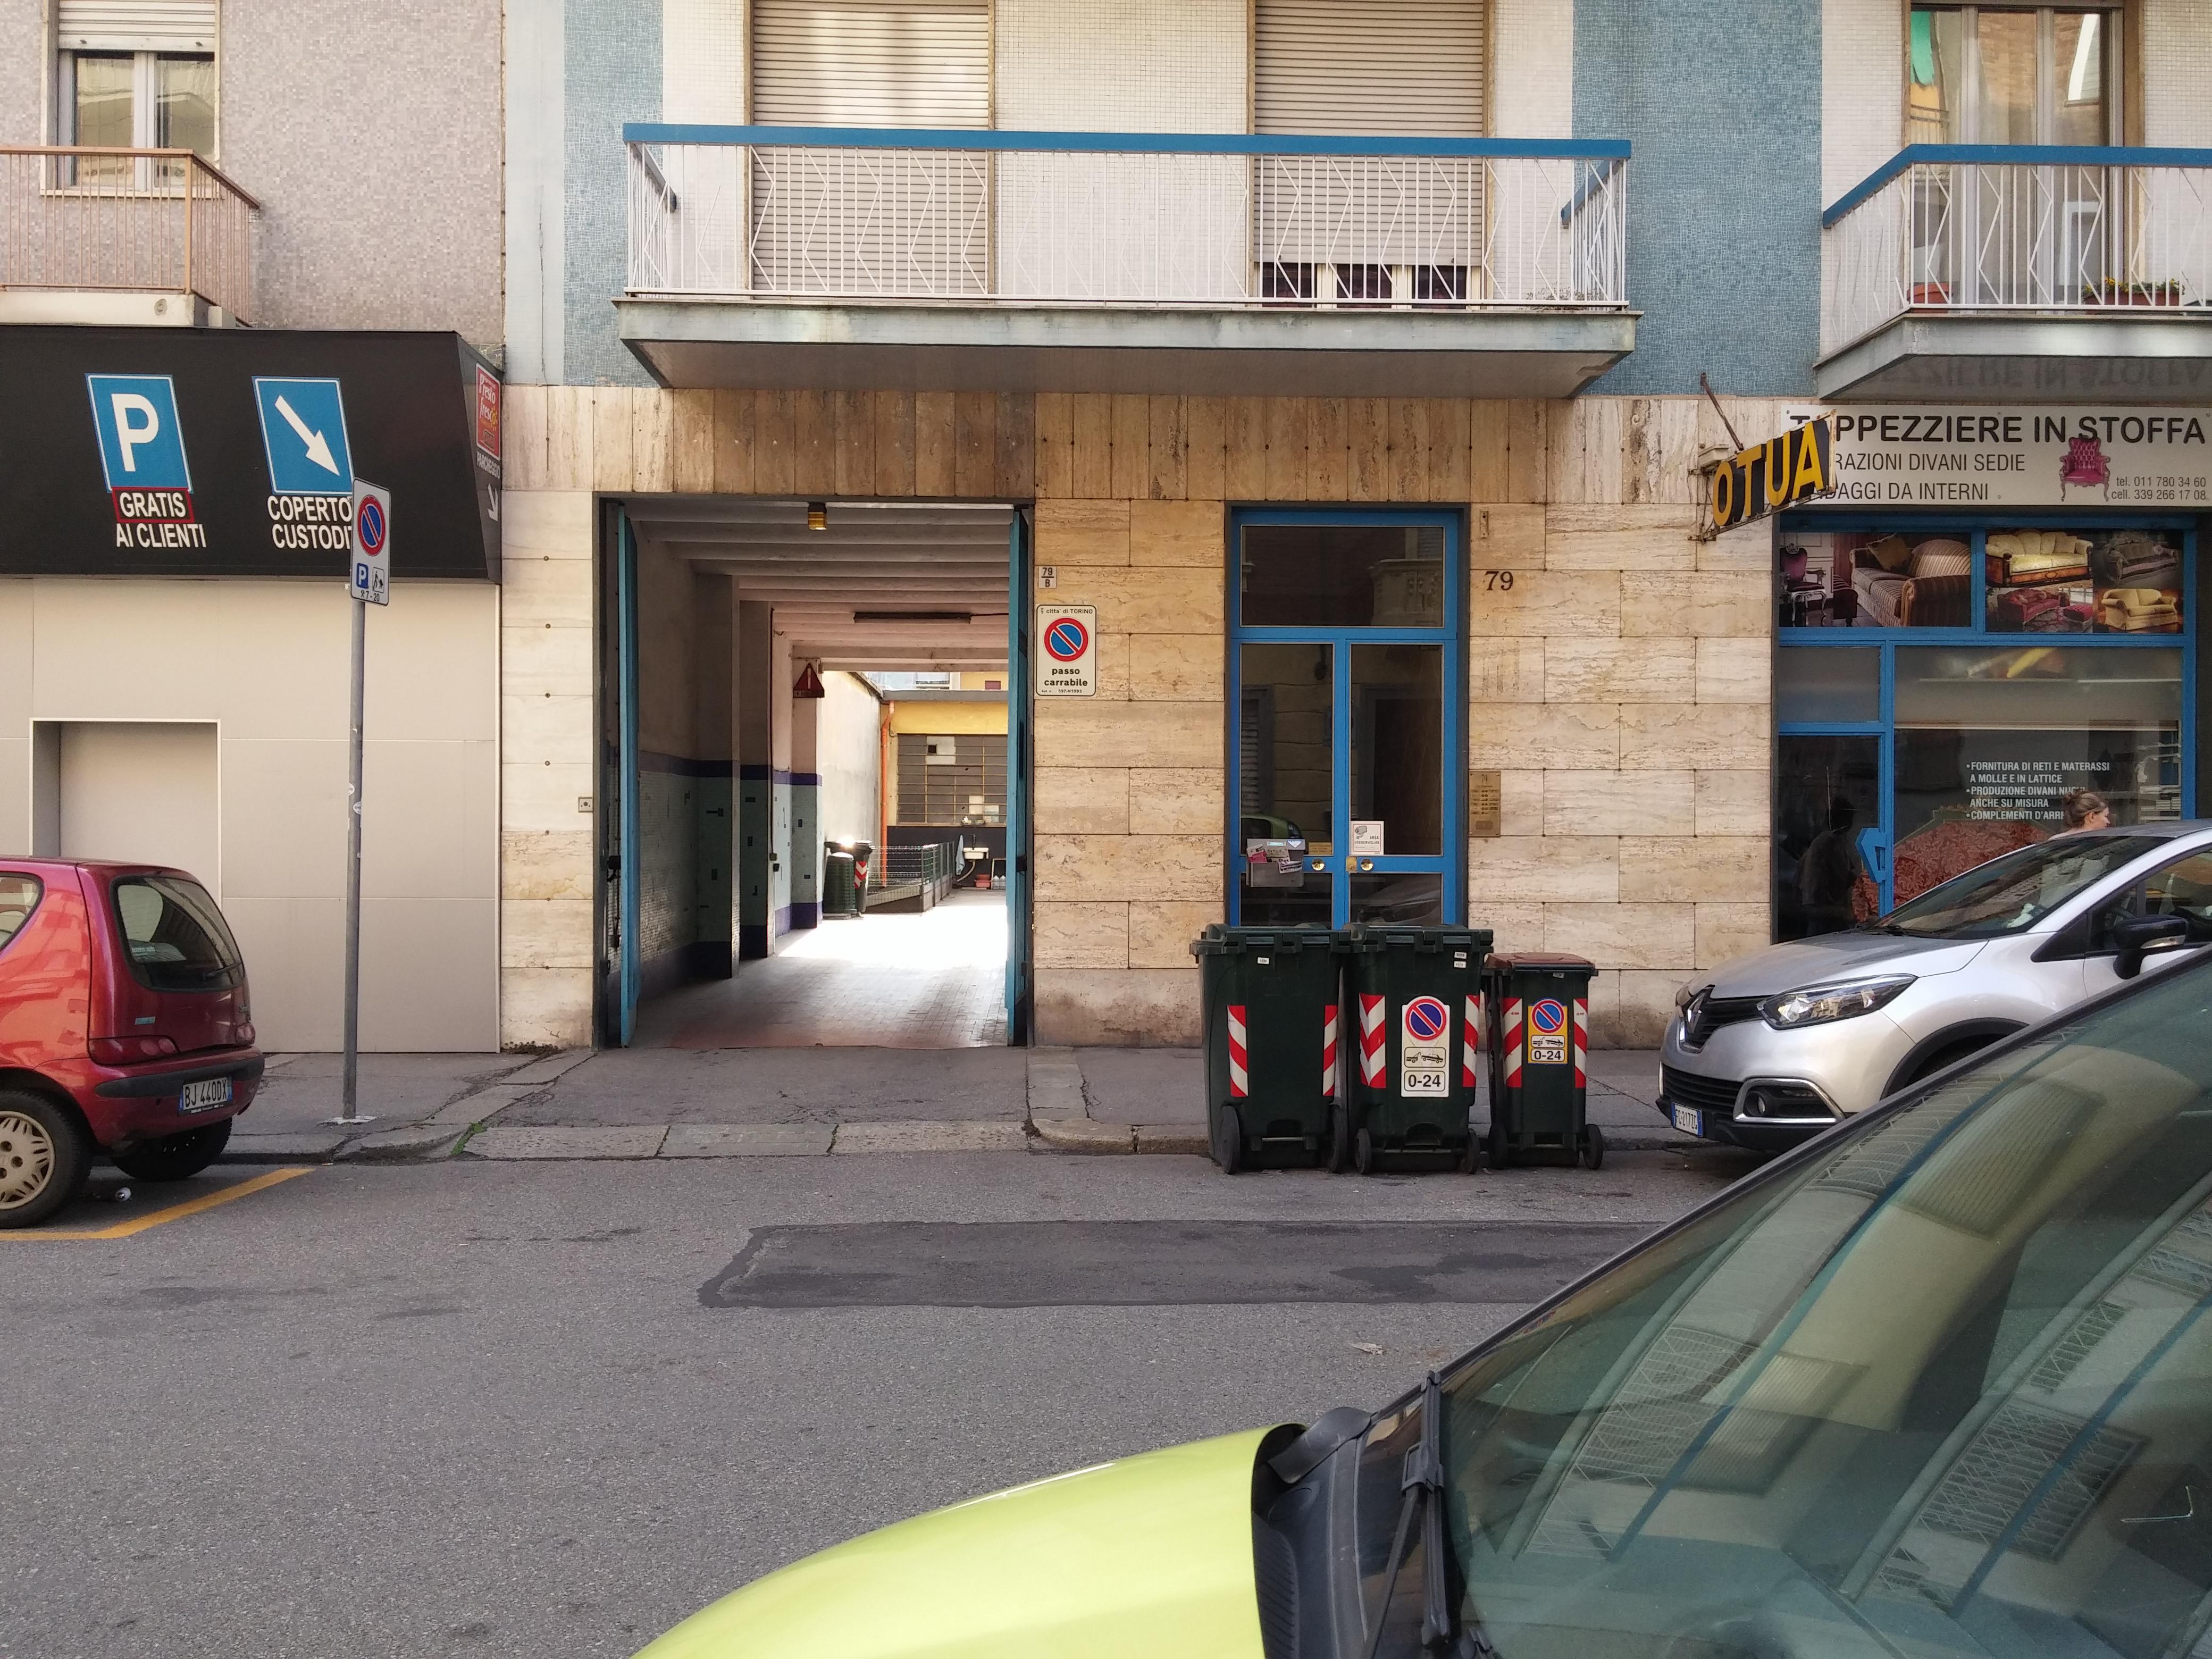 Materassi Borgosesia.Autorimessa Lusso Parking In Torino Parkme